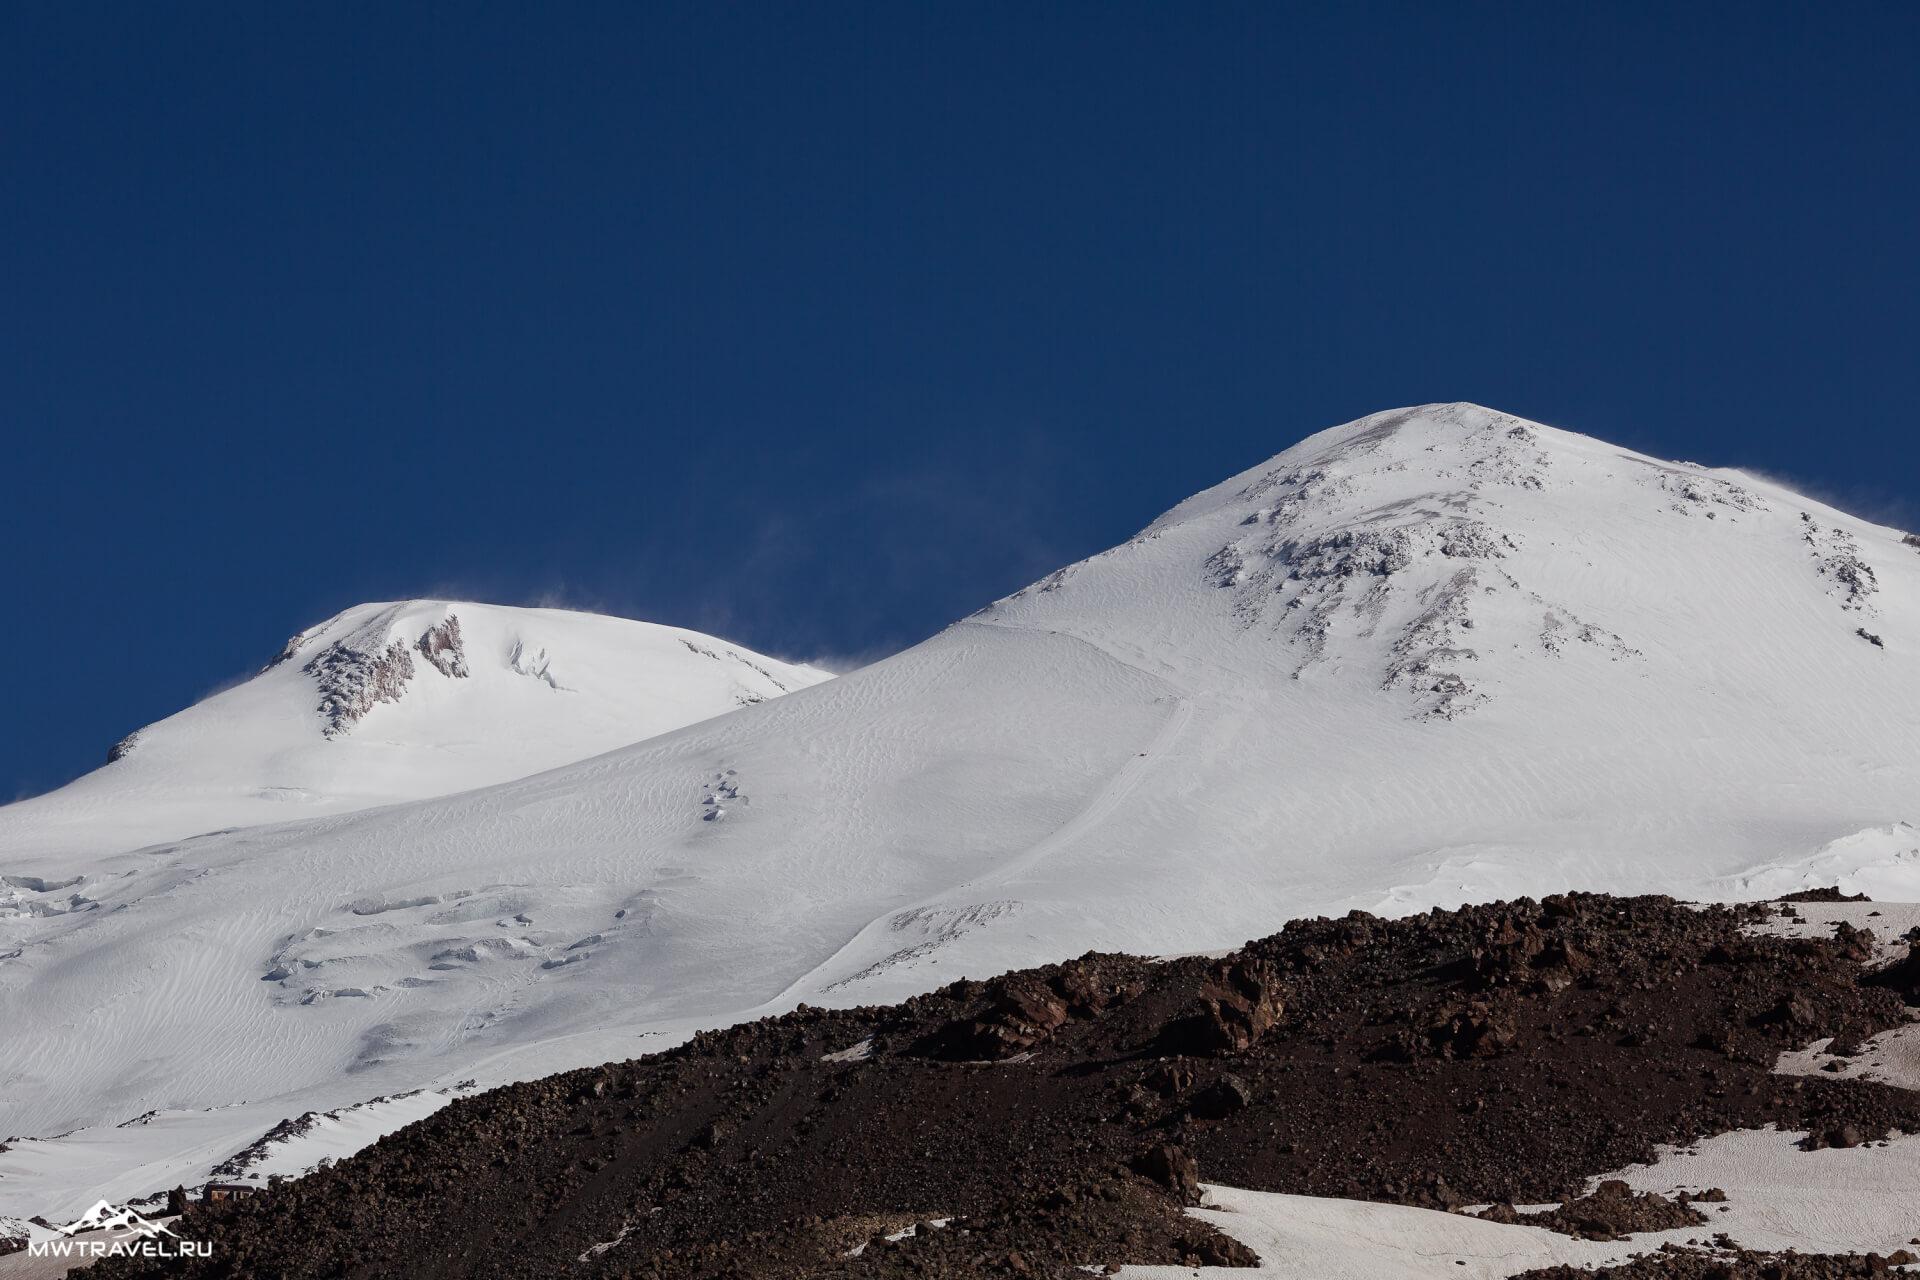 маршурт восхождения на эльбрус с юга